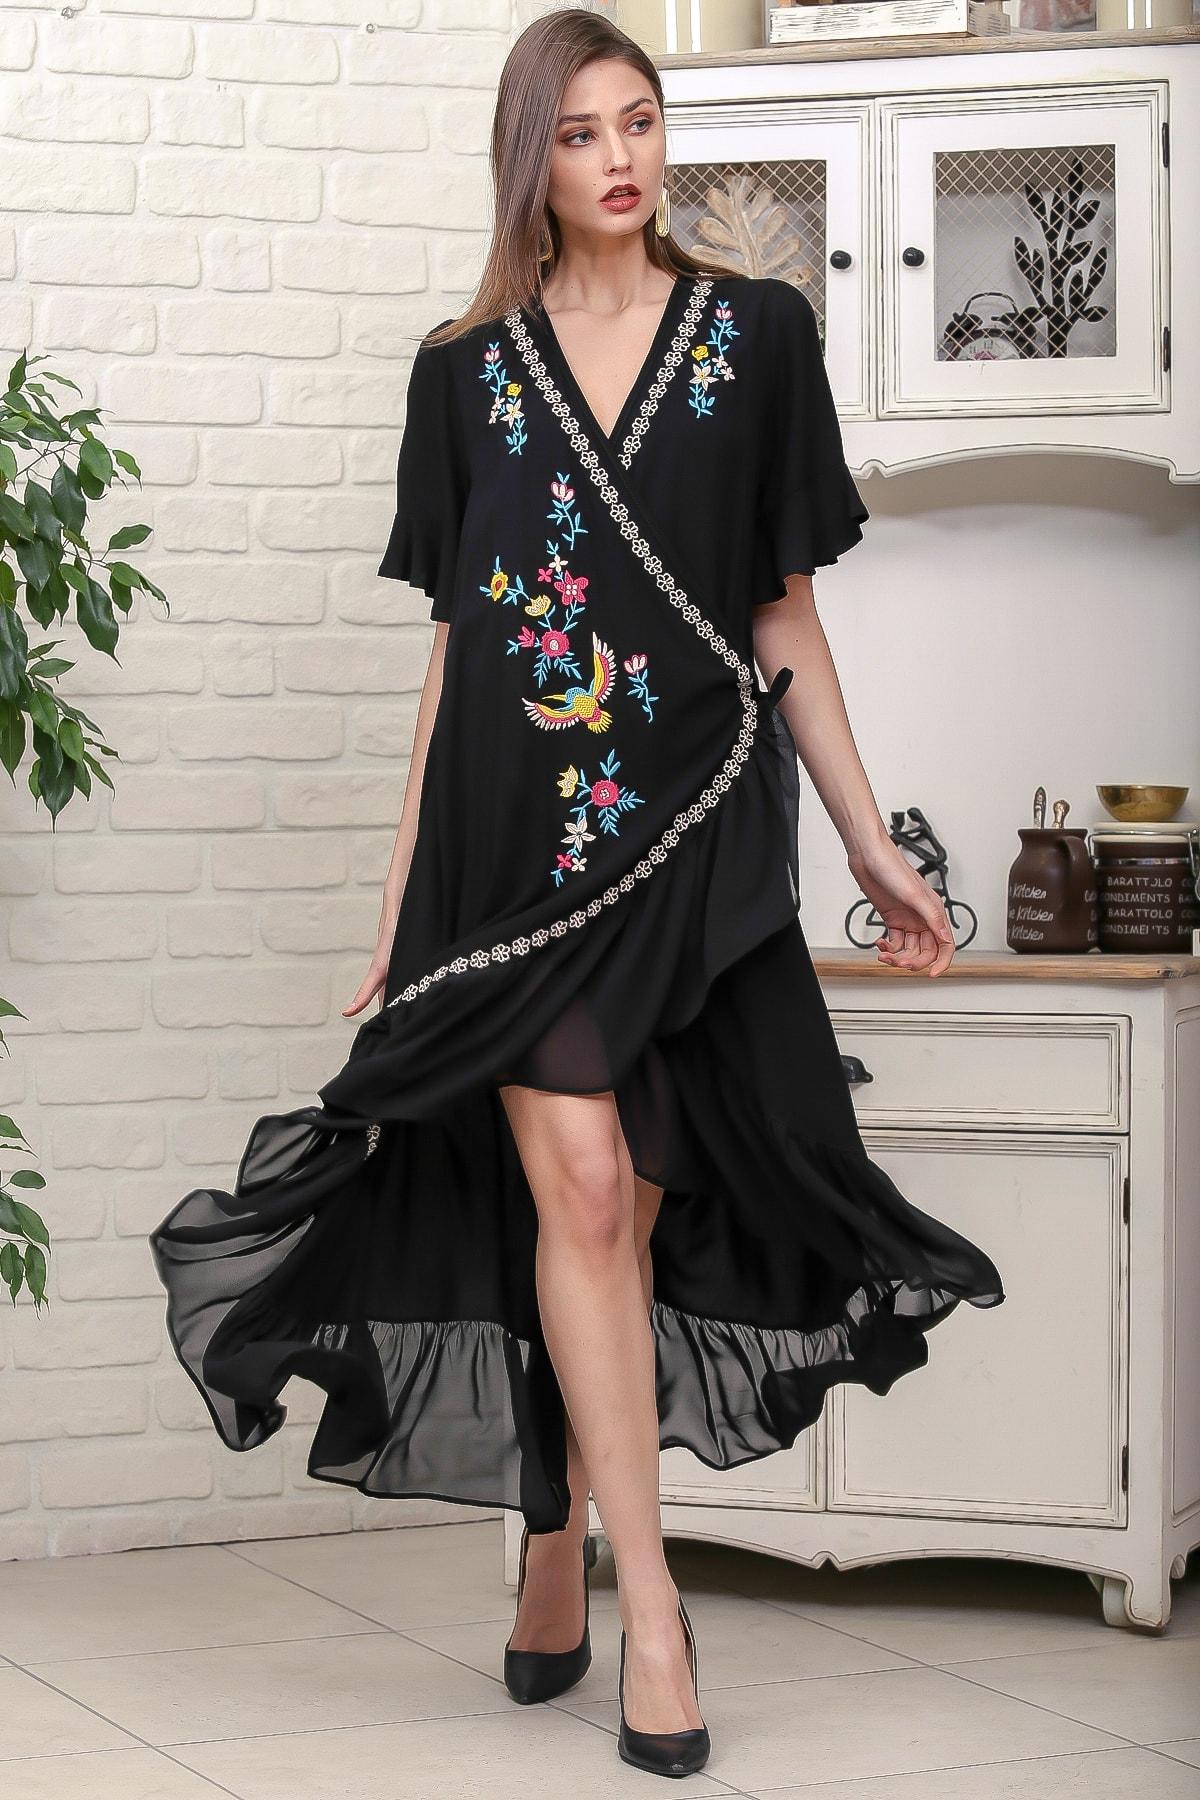 Chiccy Kadın Siyah Kruvaze Anka Kuşu Nakışlı Anvelop Kolu Ve Etek Ucu Fırfır Dokuma Elbise M10160000EL95888